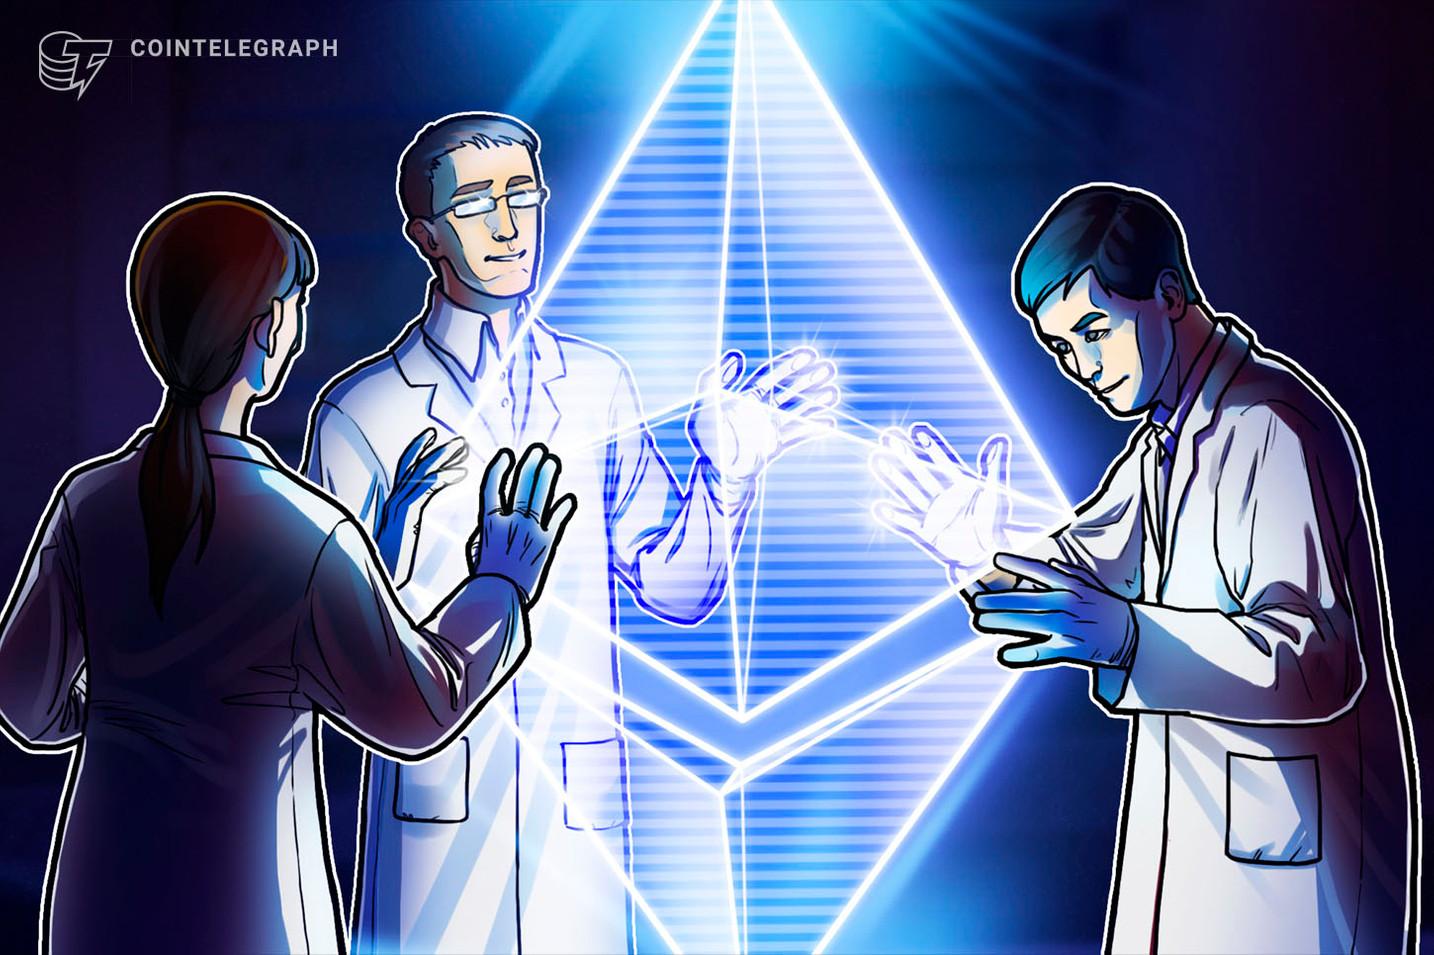 Tägliche Ethereum-Transaktionen dank DeFi-Hype auf neuem Rekordhoch